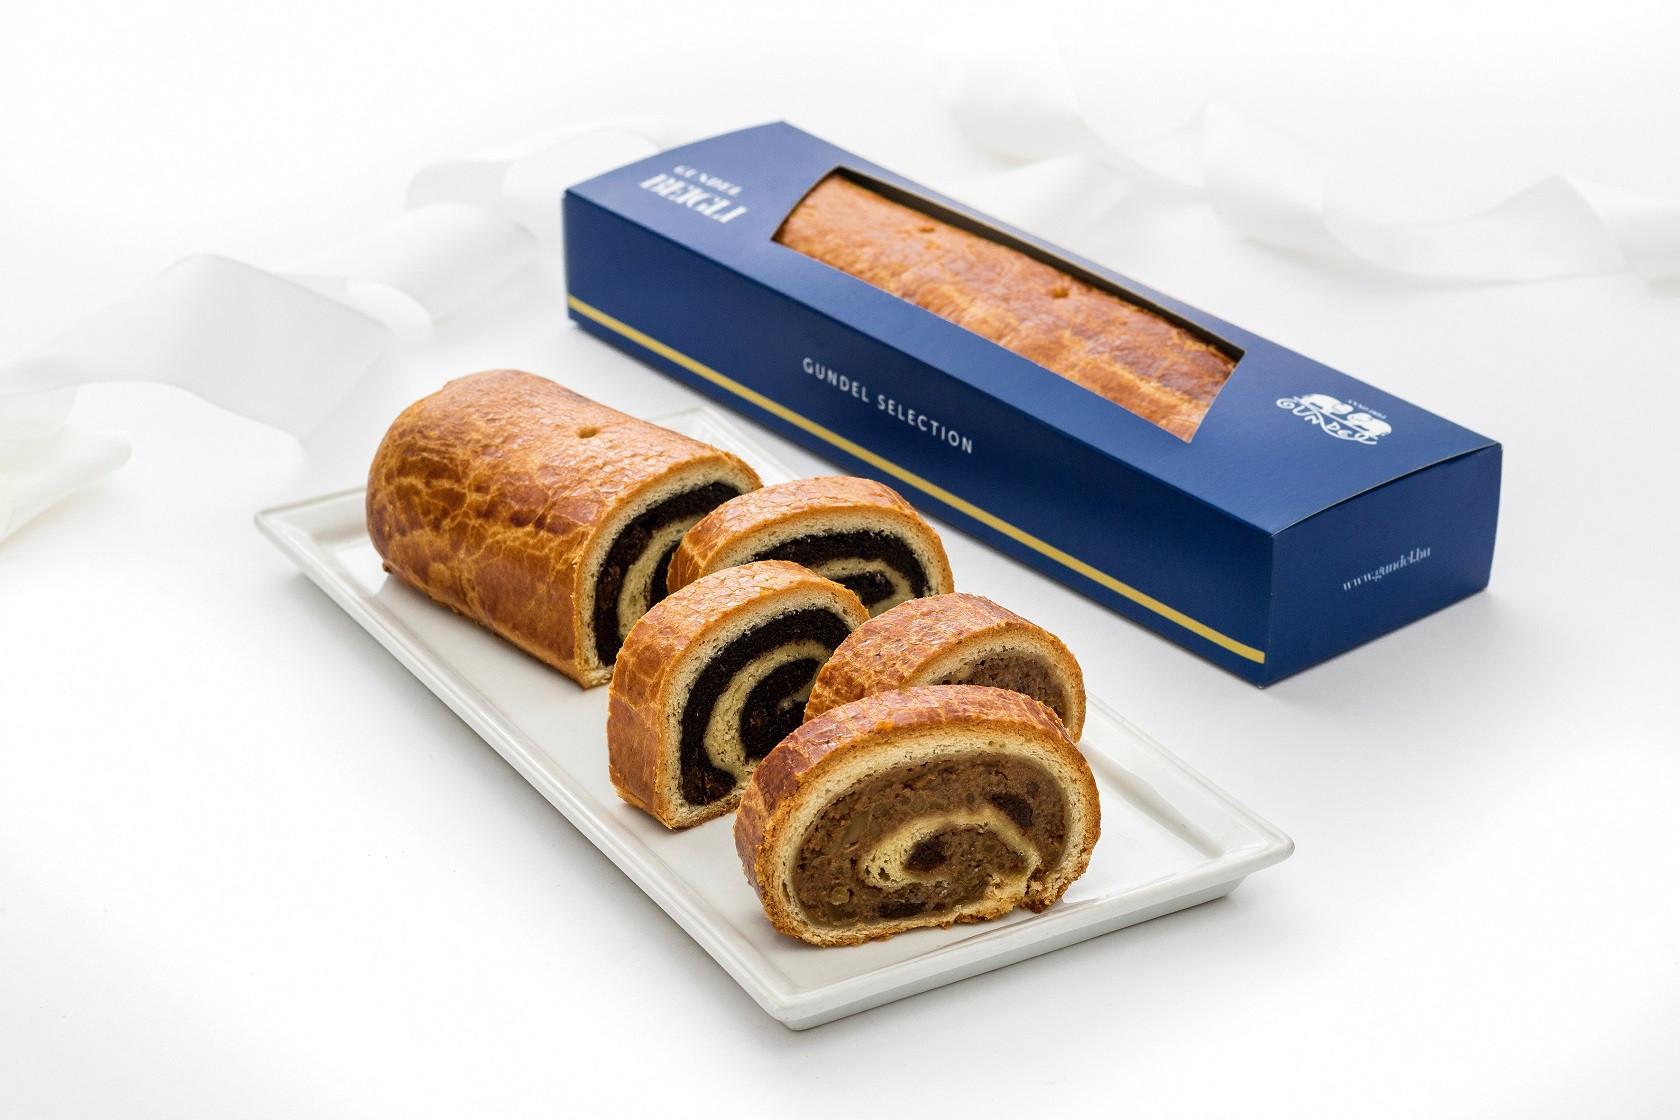 Akár díszcsomagolásban ajándéknak is tökéletes a klasszikus sütemény